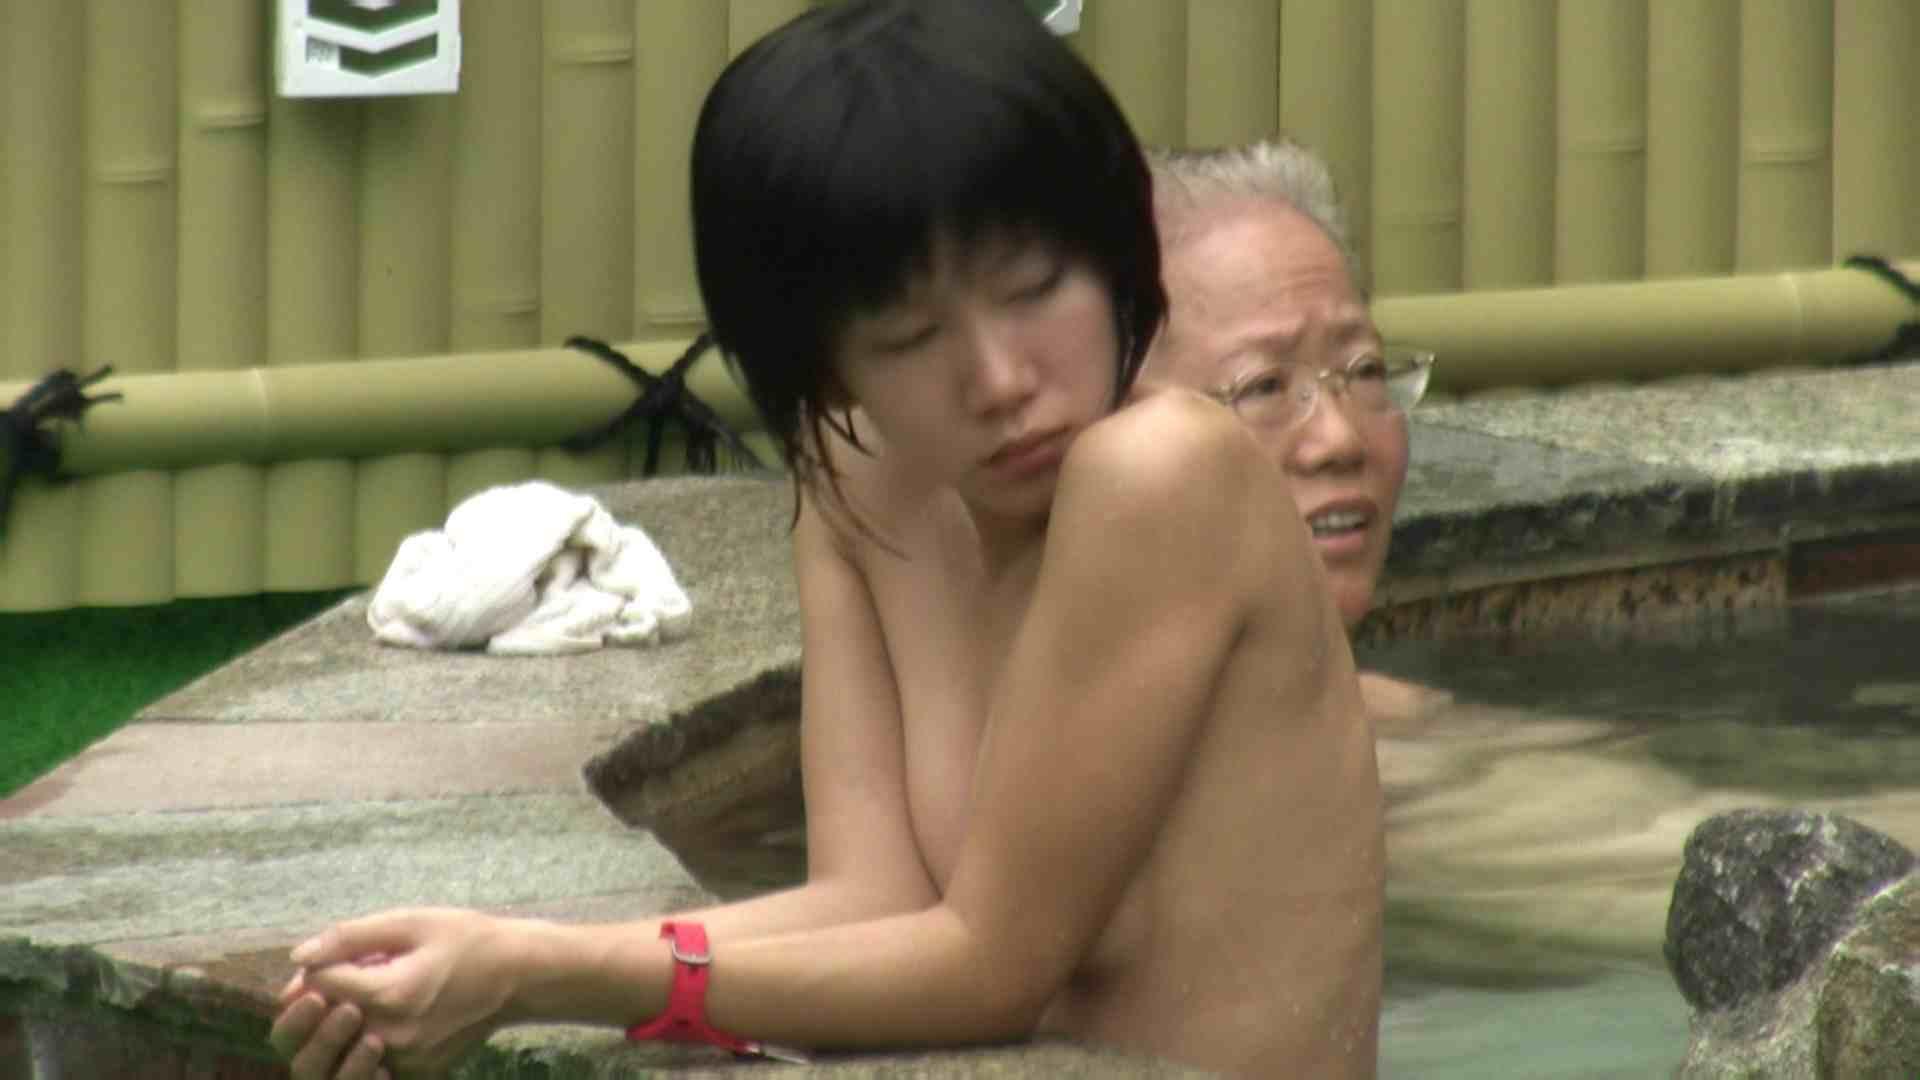 Aquaな露天風呂Vol.37【VIP】 露天   OLエロ画像  97PICs 70